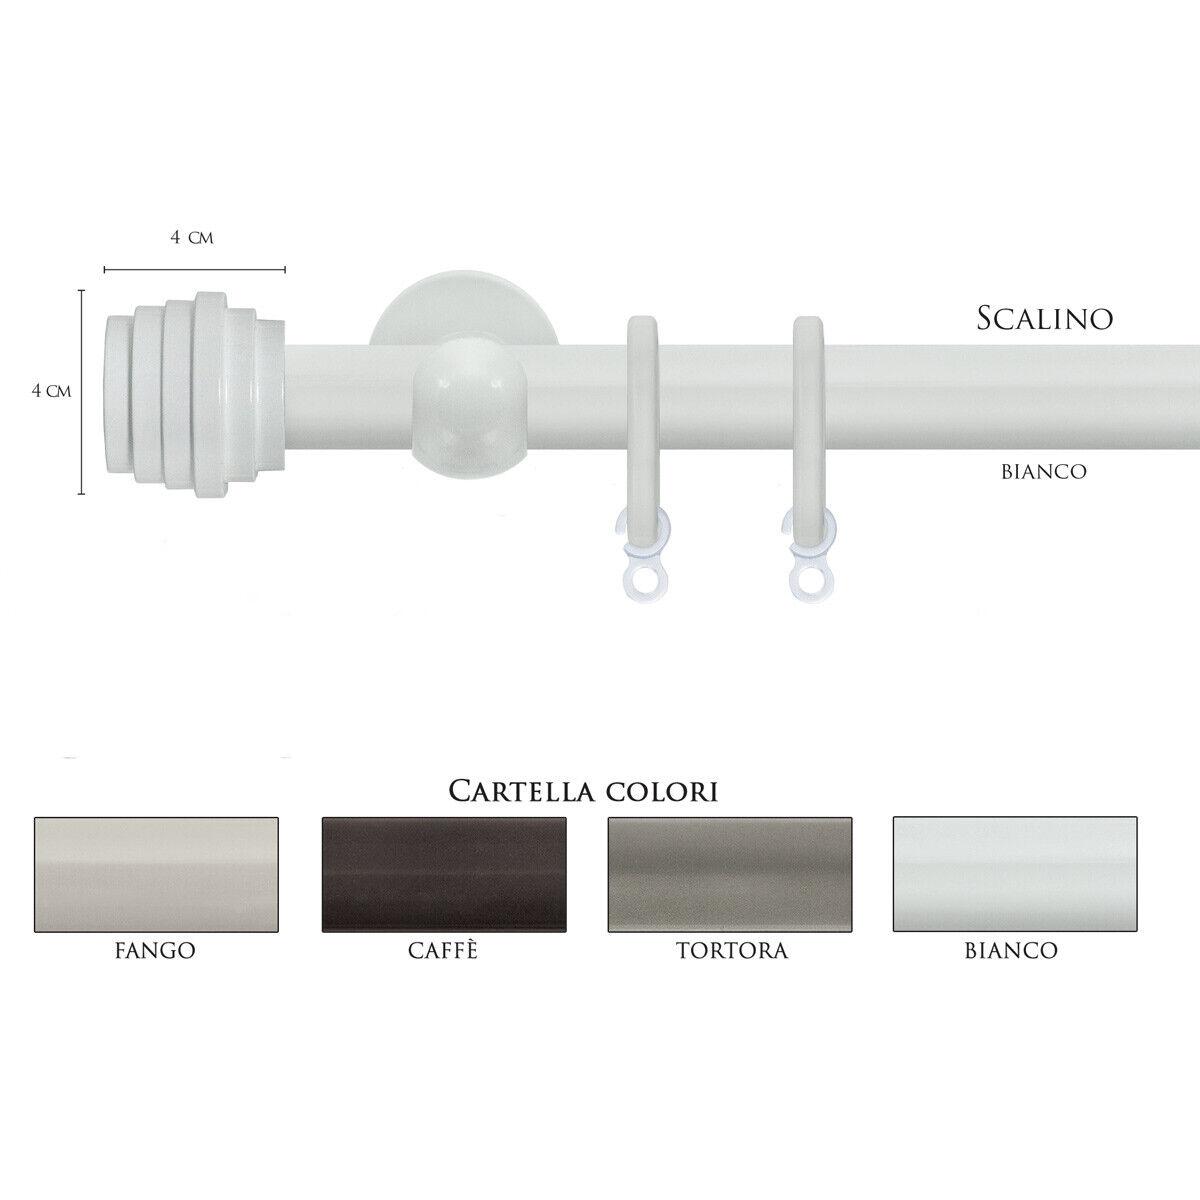 Scorritenda Bastone per Tenda Alluminio Strappo Corda con Anelli SCALINO Vami